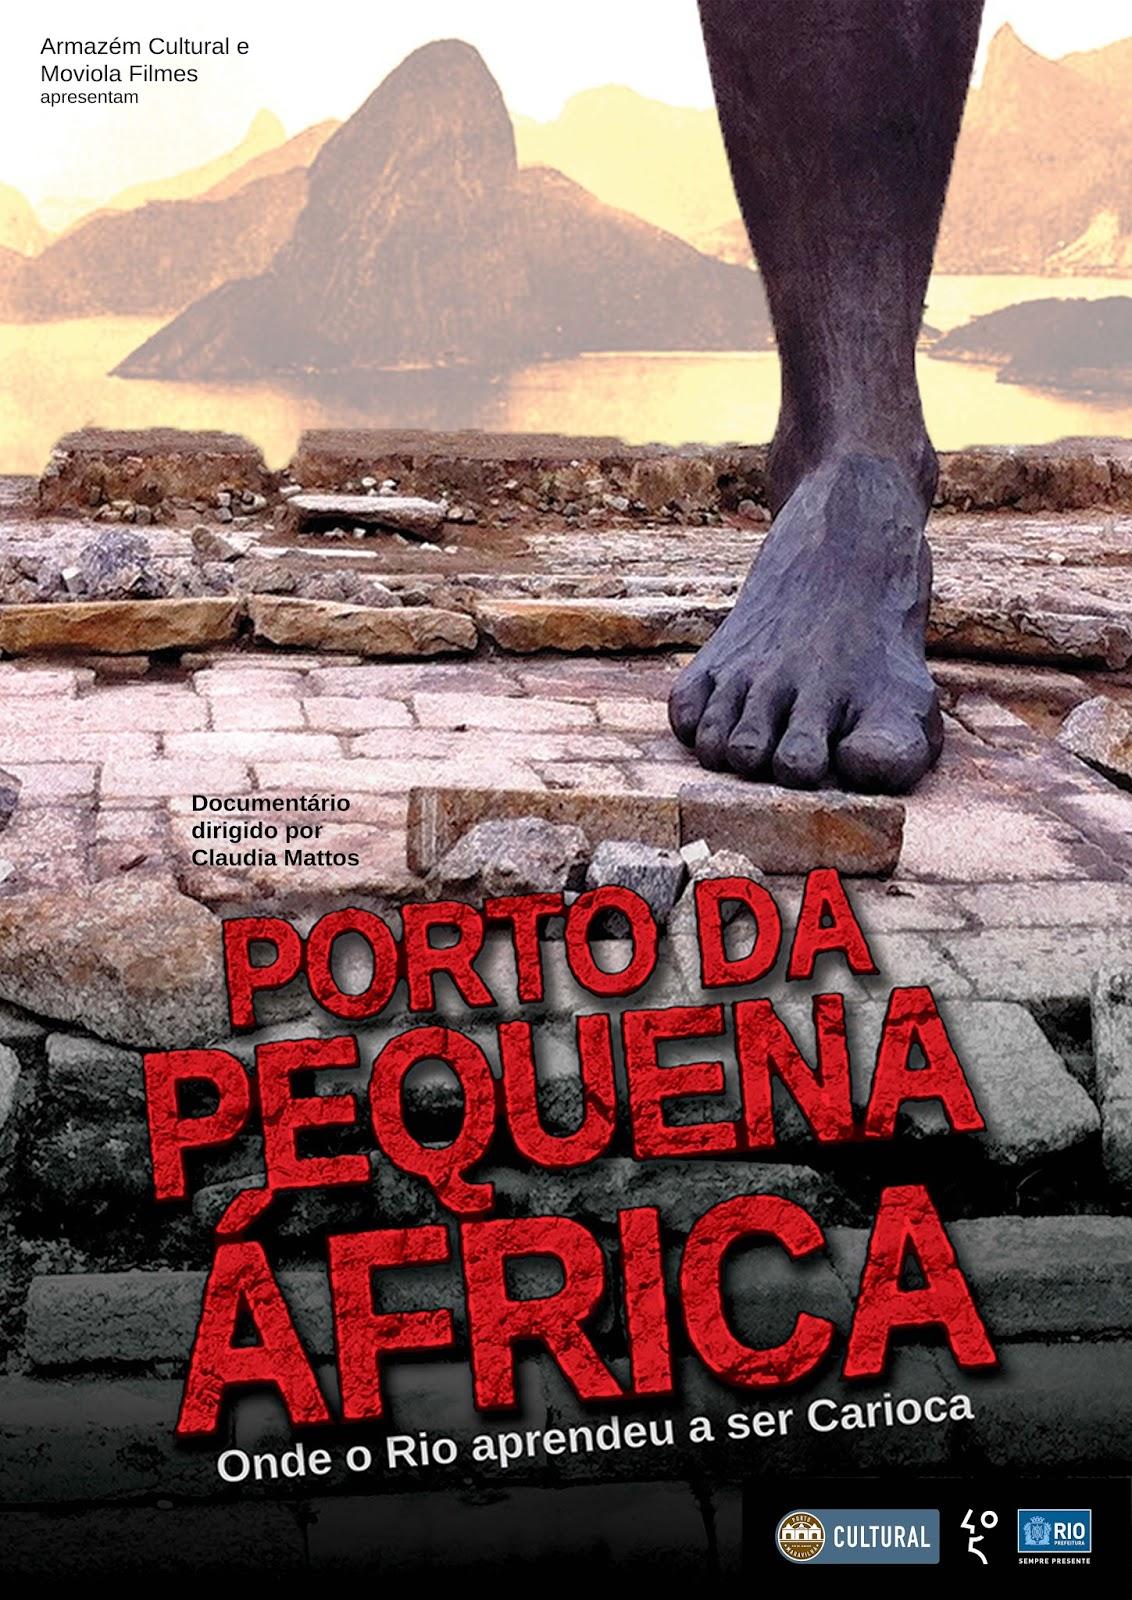 Porto da pequena africa